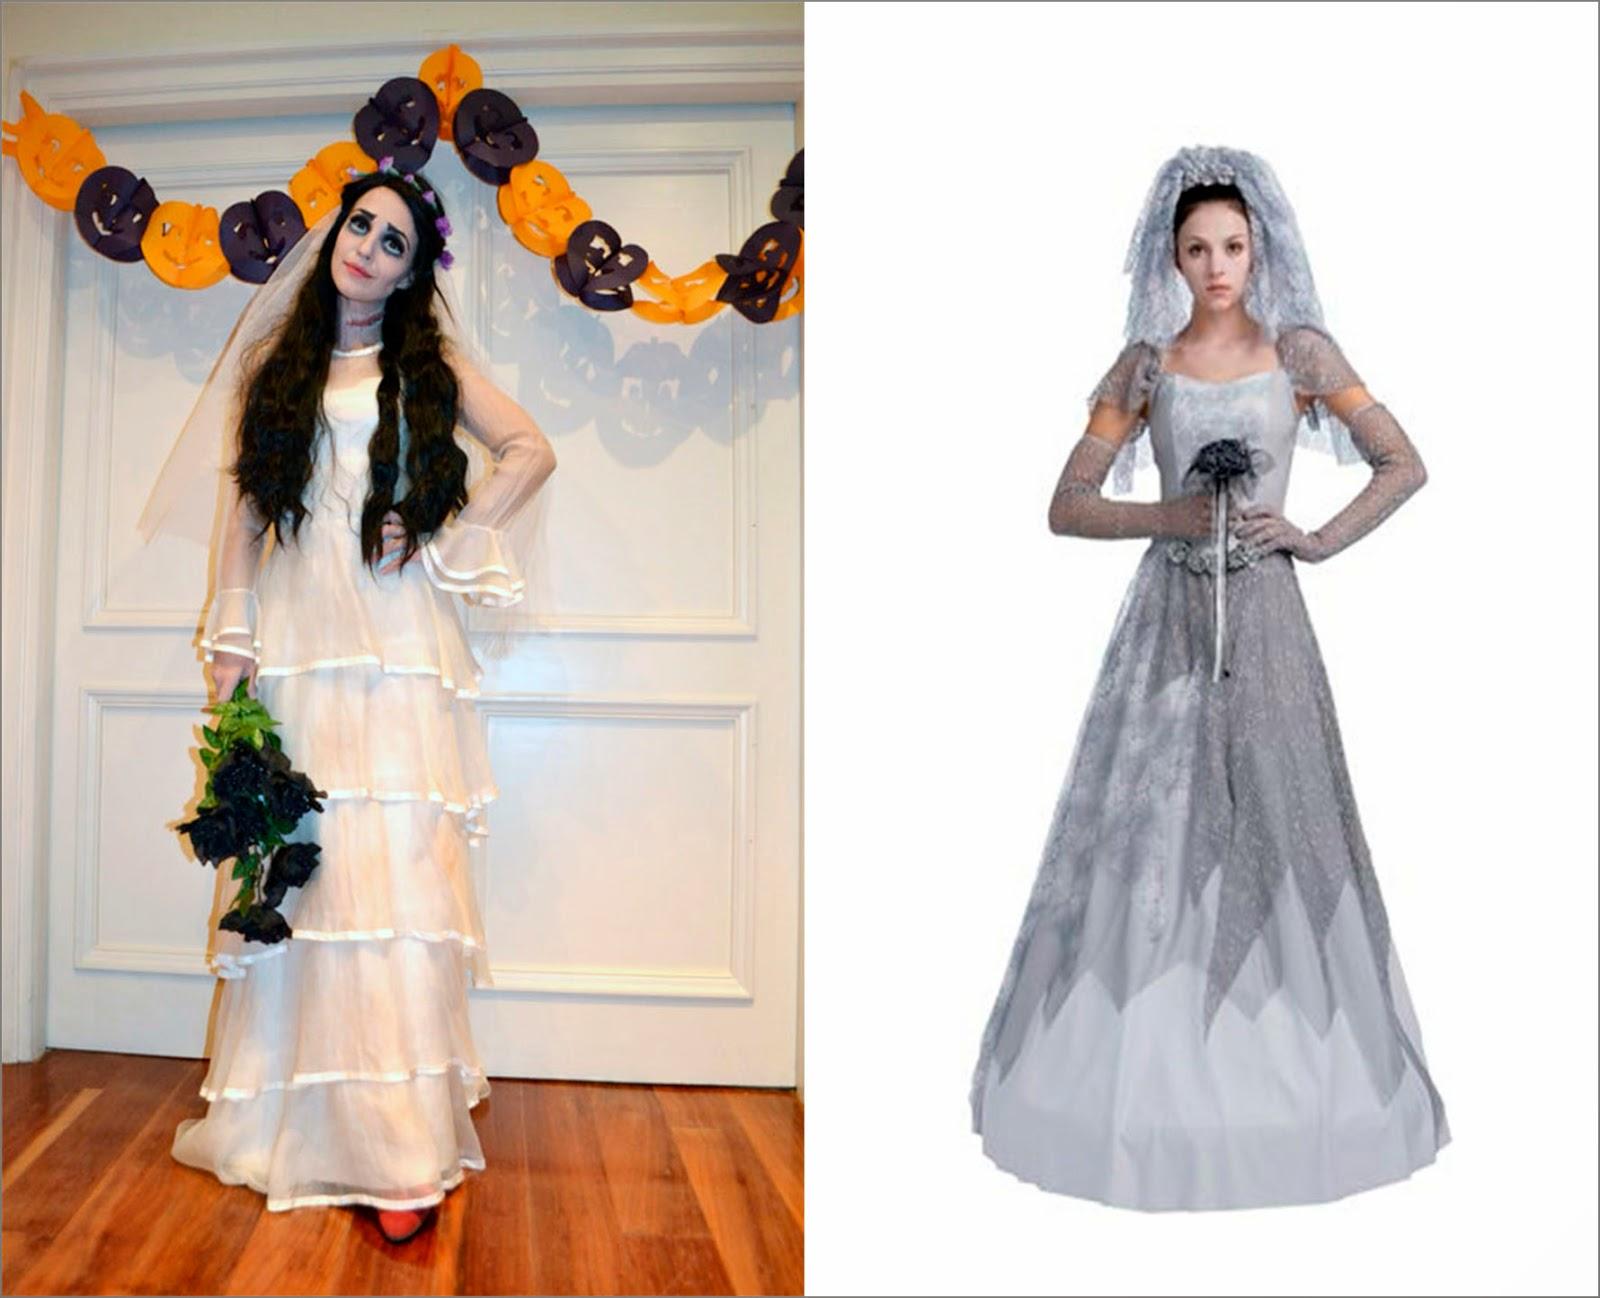 Disfraz Novia Cadaver Casero Affordable Simple Amazing Disfraz